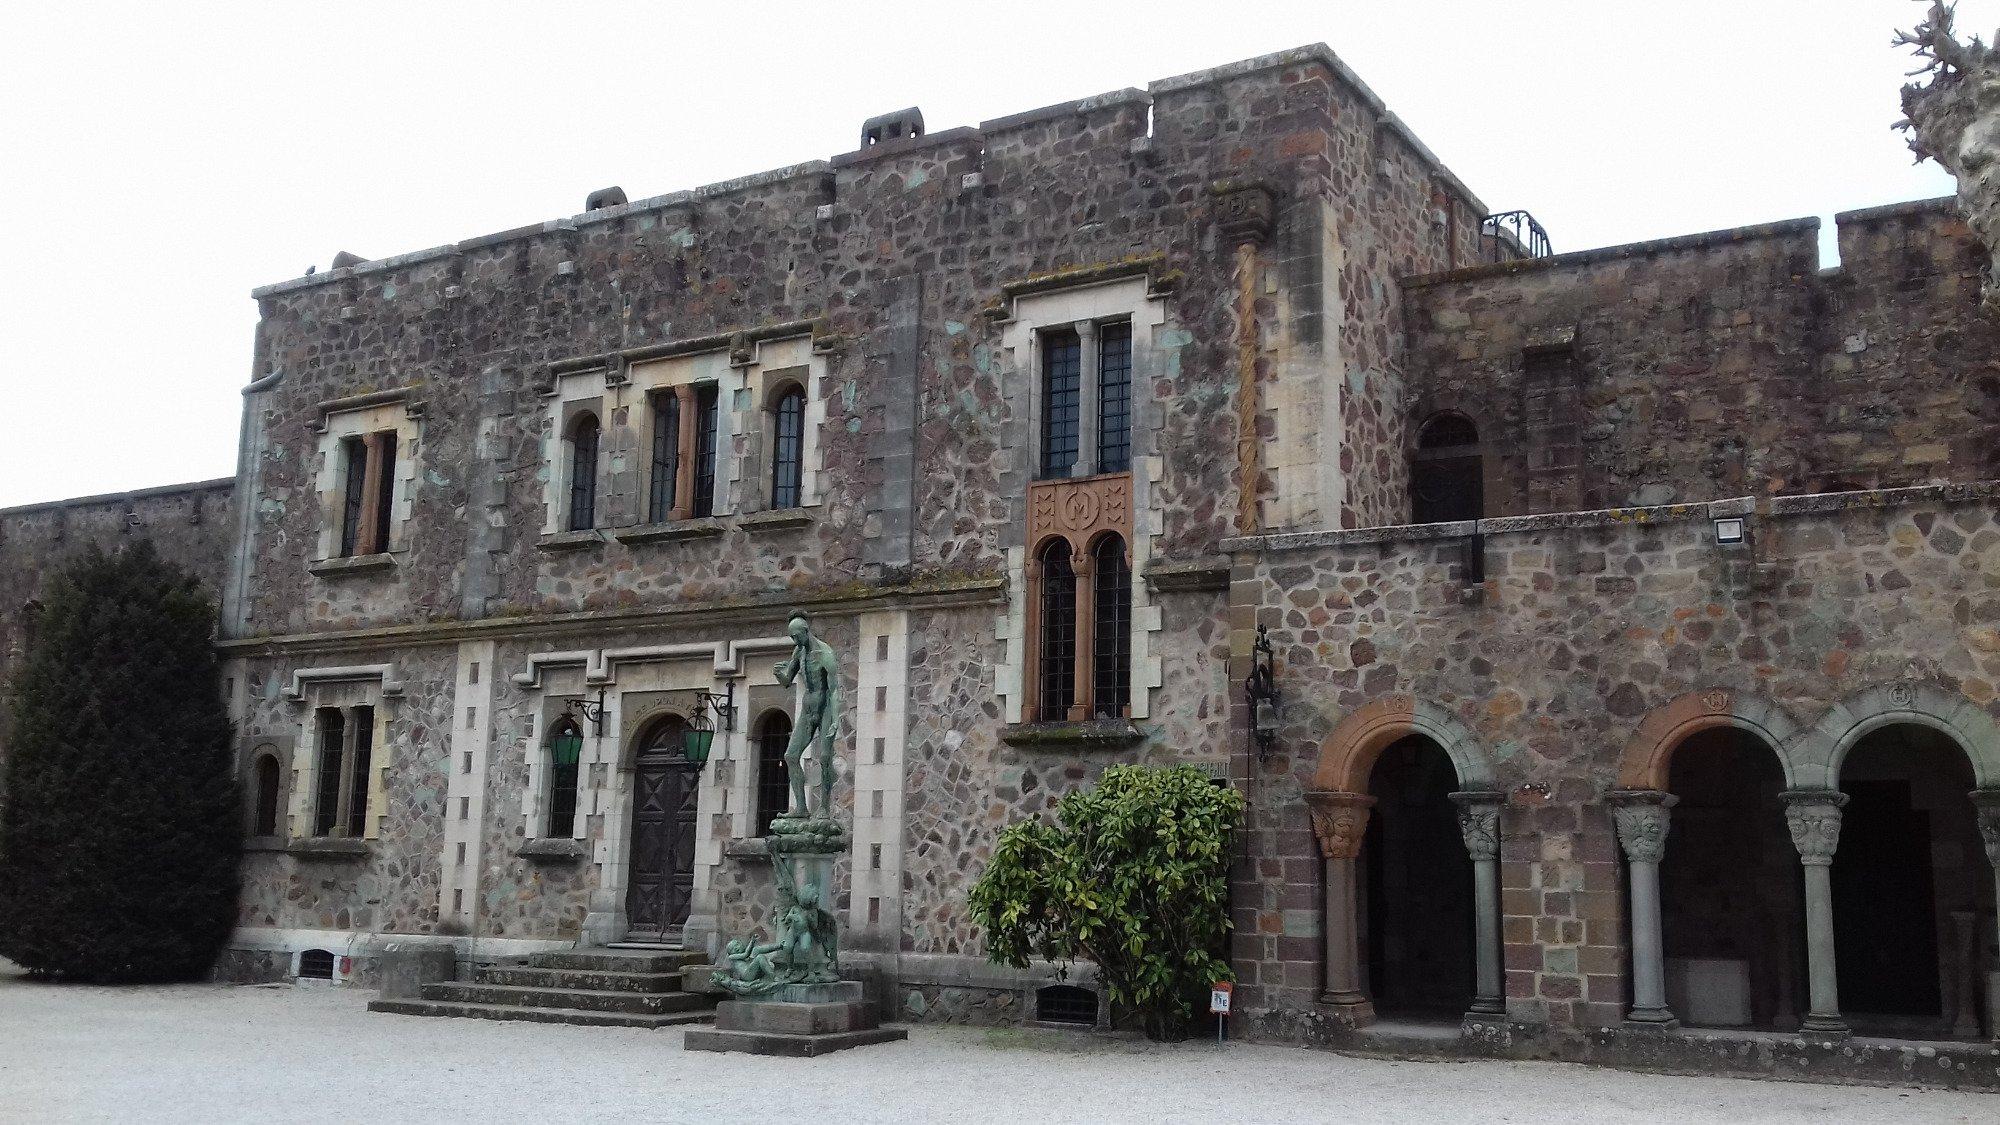 1137-chateau-la-napoule-henry-clews.jpg